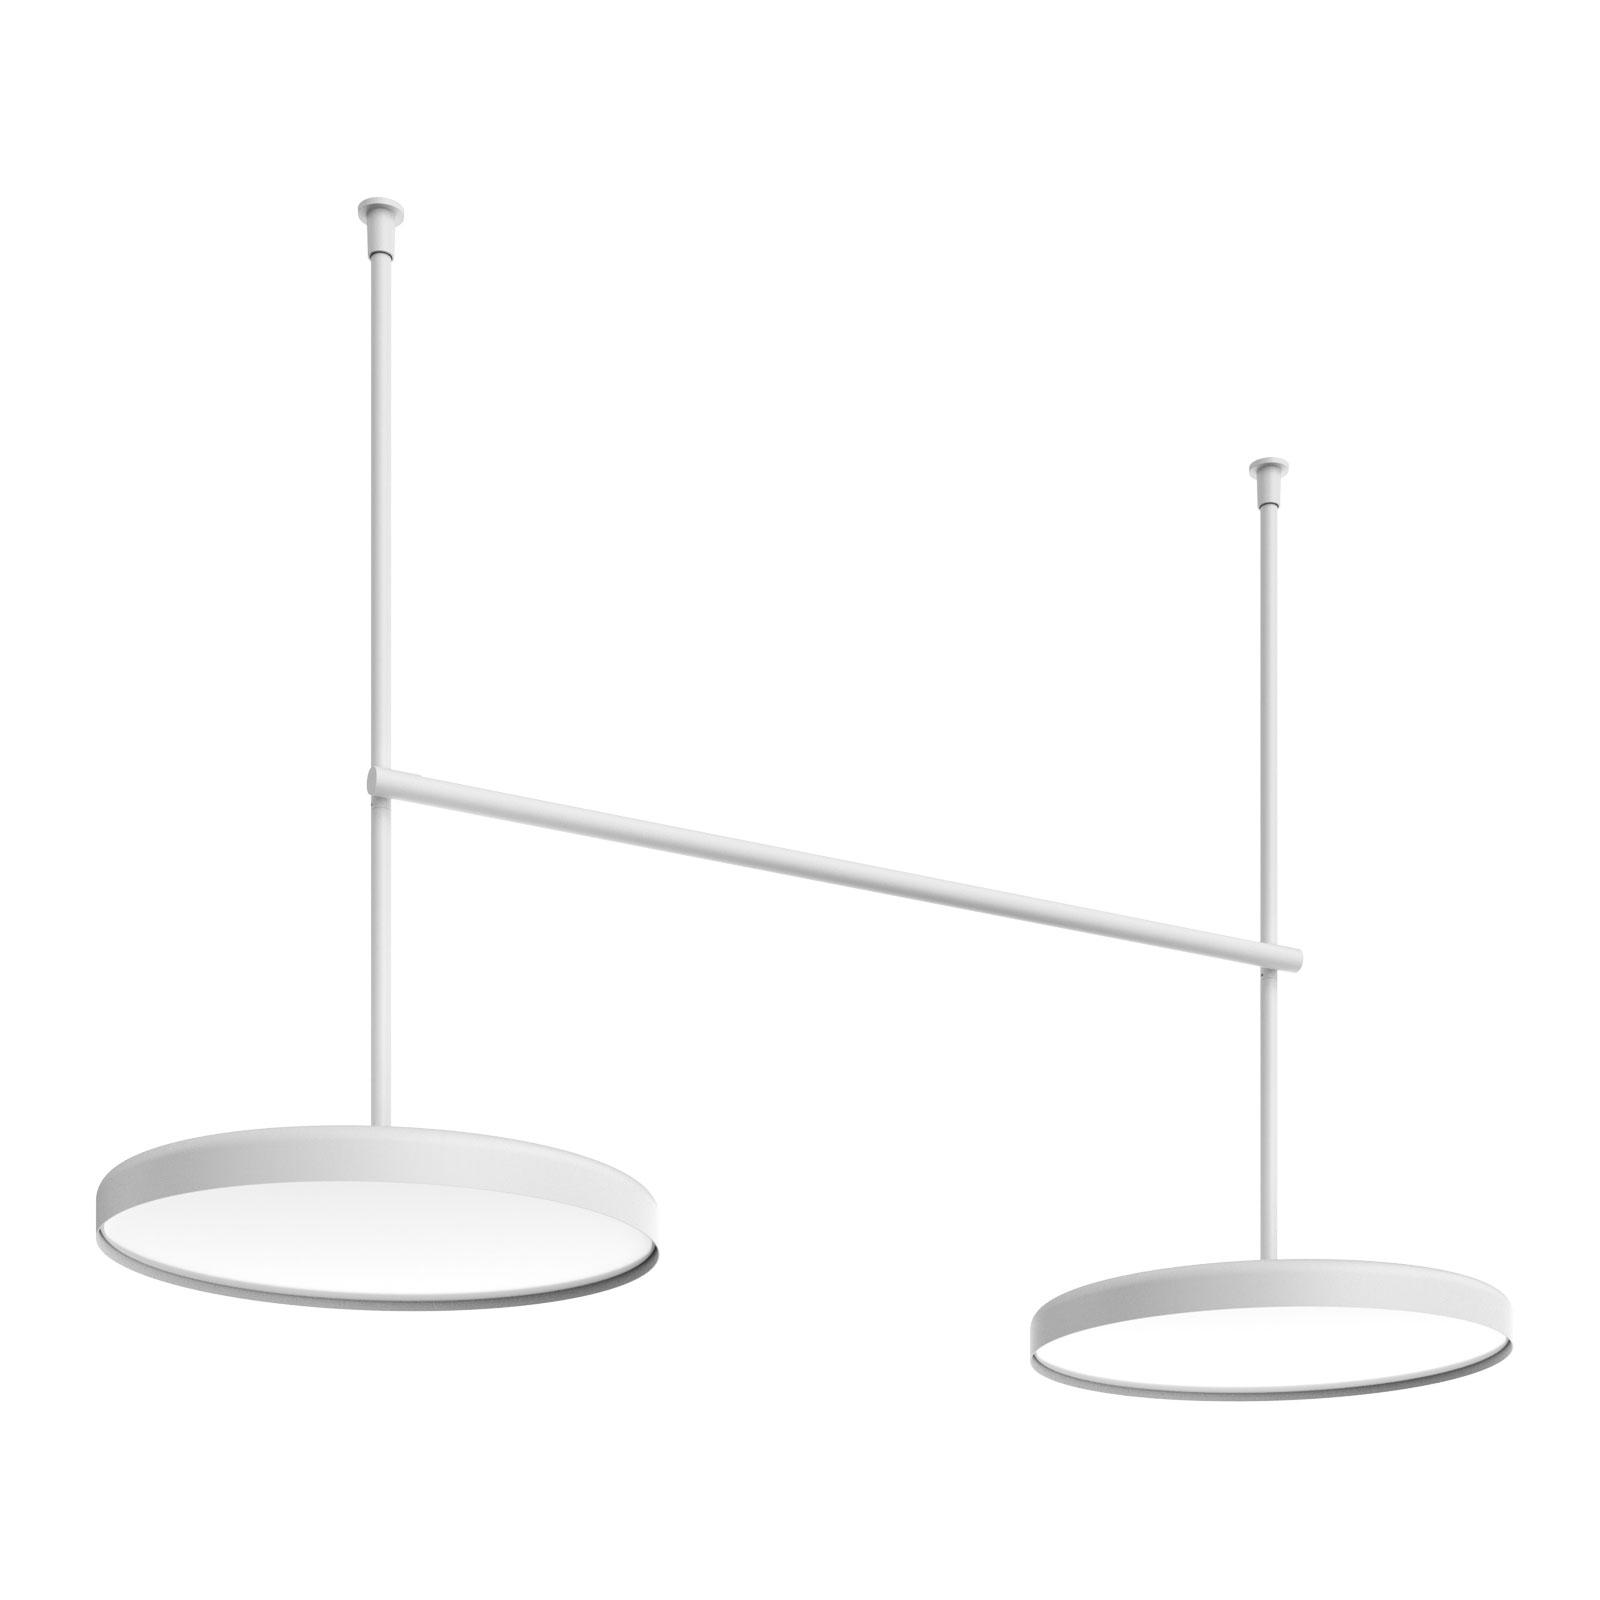 FLOS Infra-Structure C4 LED-taklampe, hvit